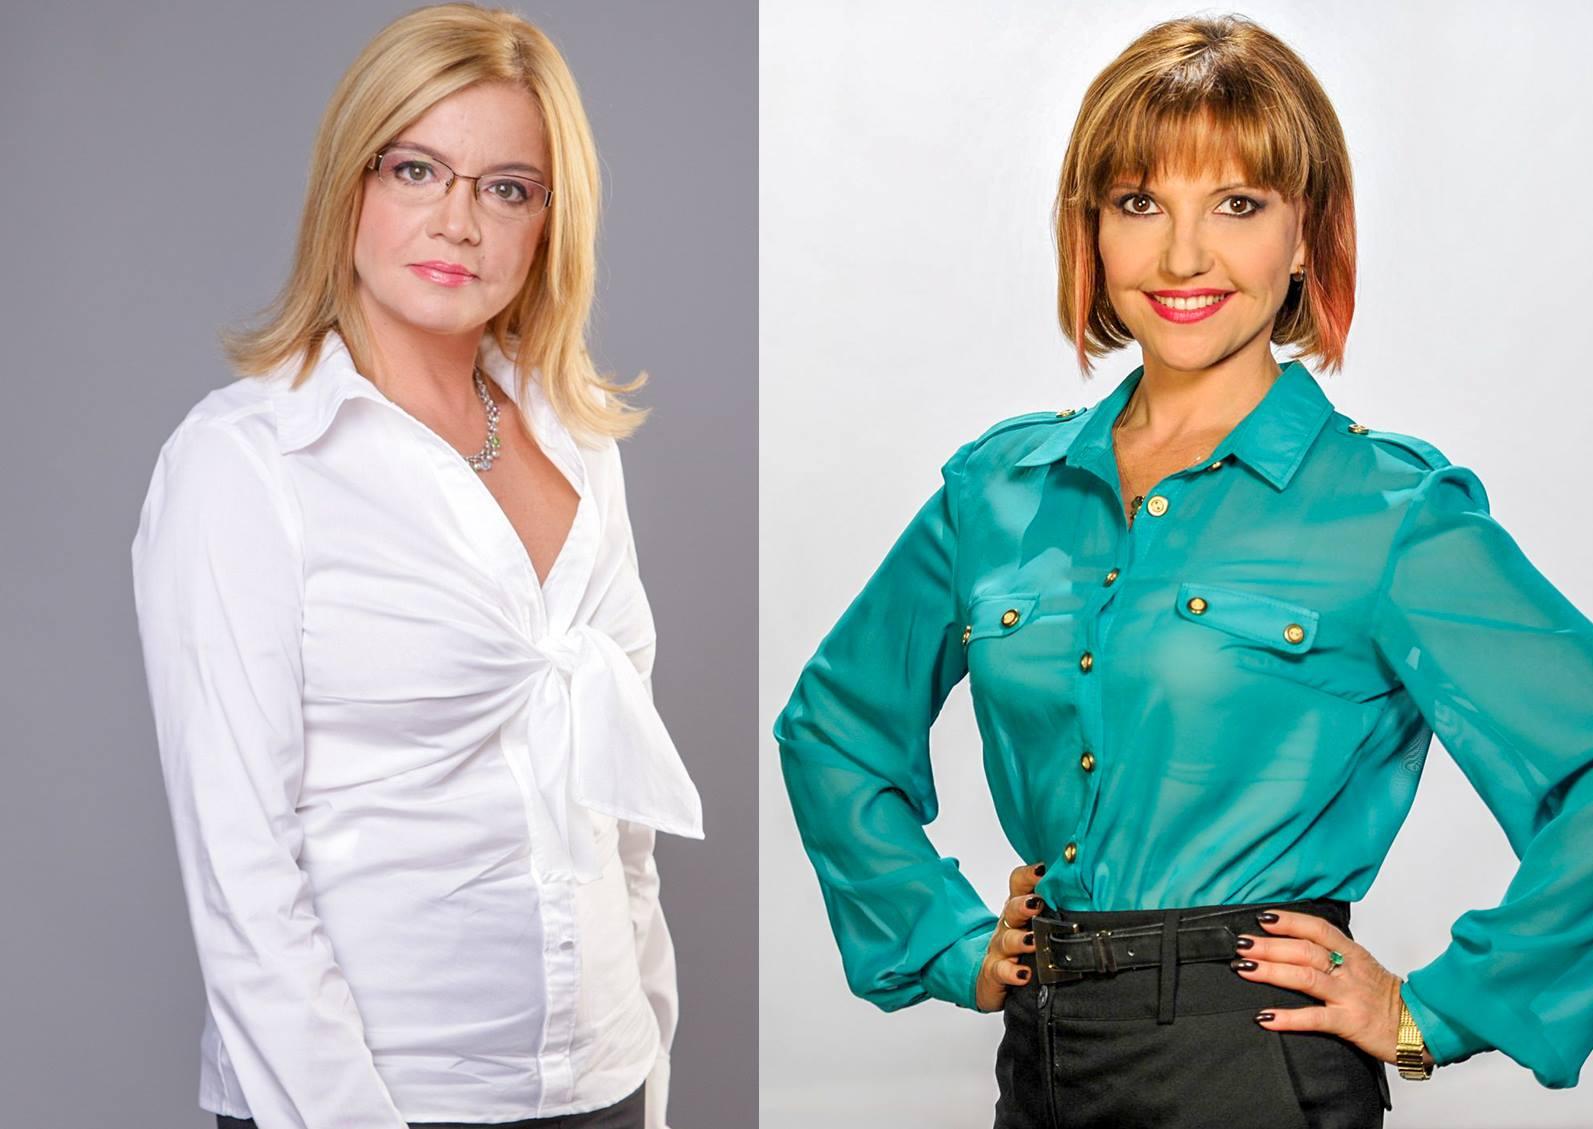 Marina Almășan susține că a reușit să se mențină în TVR, deși salariul nu este la fel de mare ca în televiziunile private